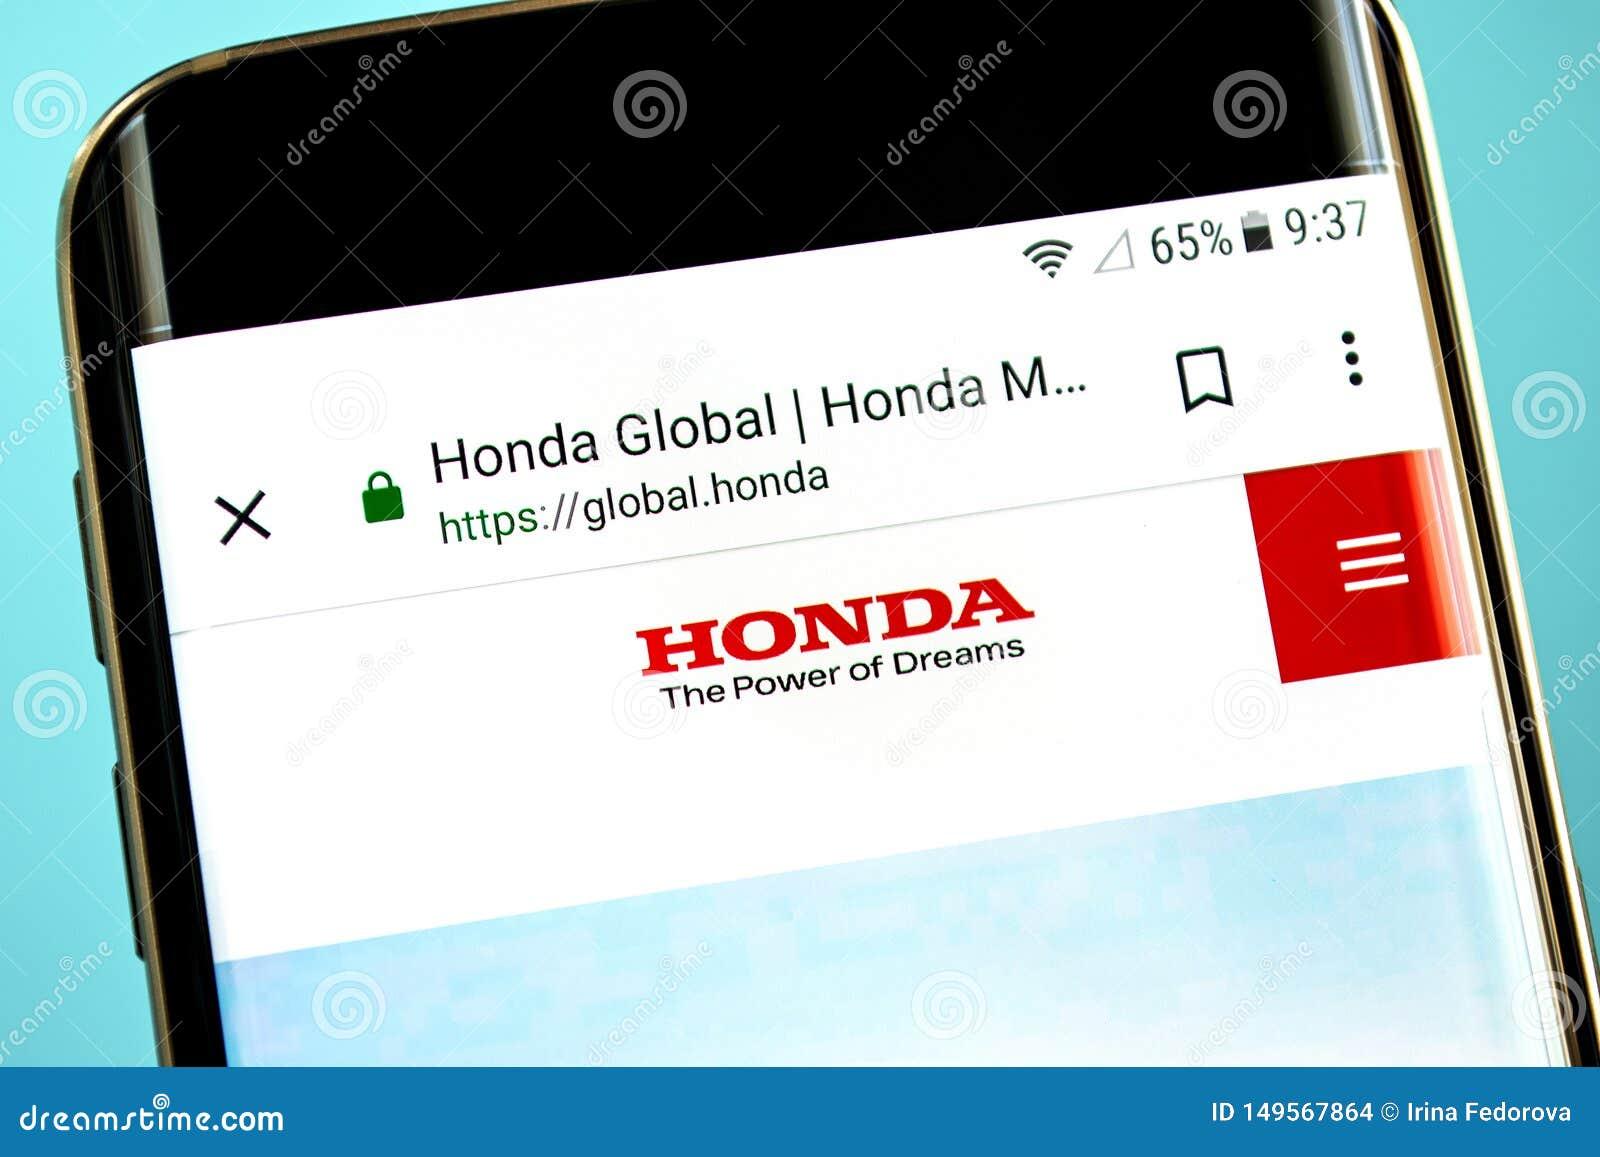 Berdyansk, Ucrania - 30 de mayo de 2019: Homepage de la página web de Honda Motor Logotipo de Honda Motor visible en la pantalla